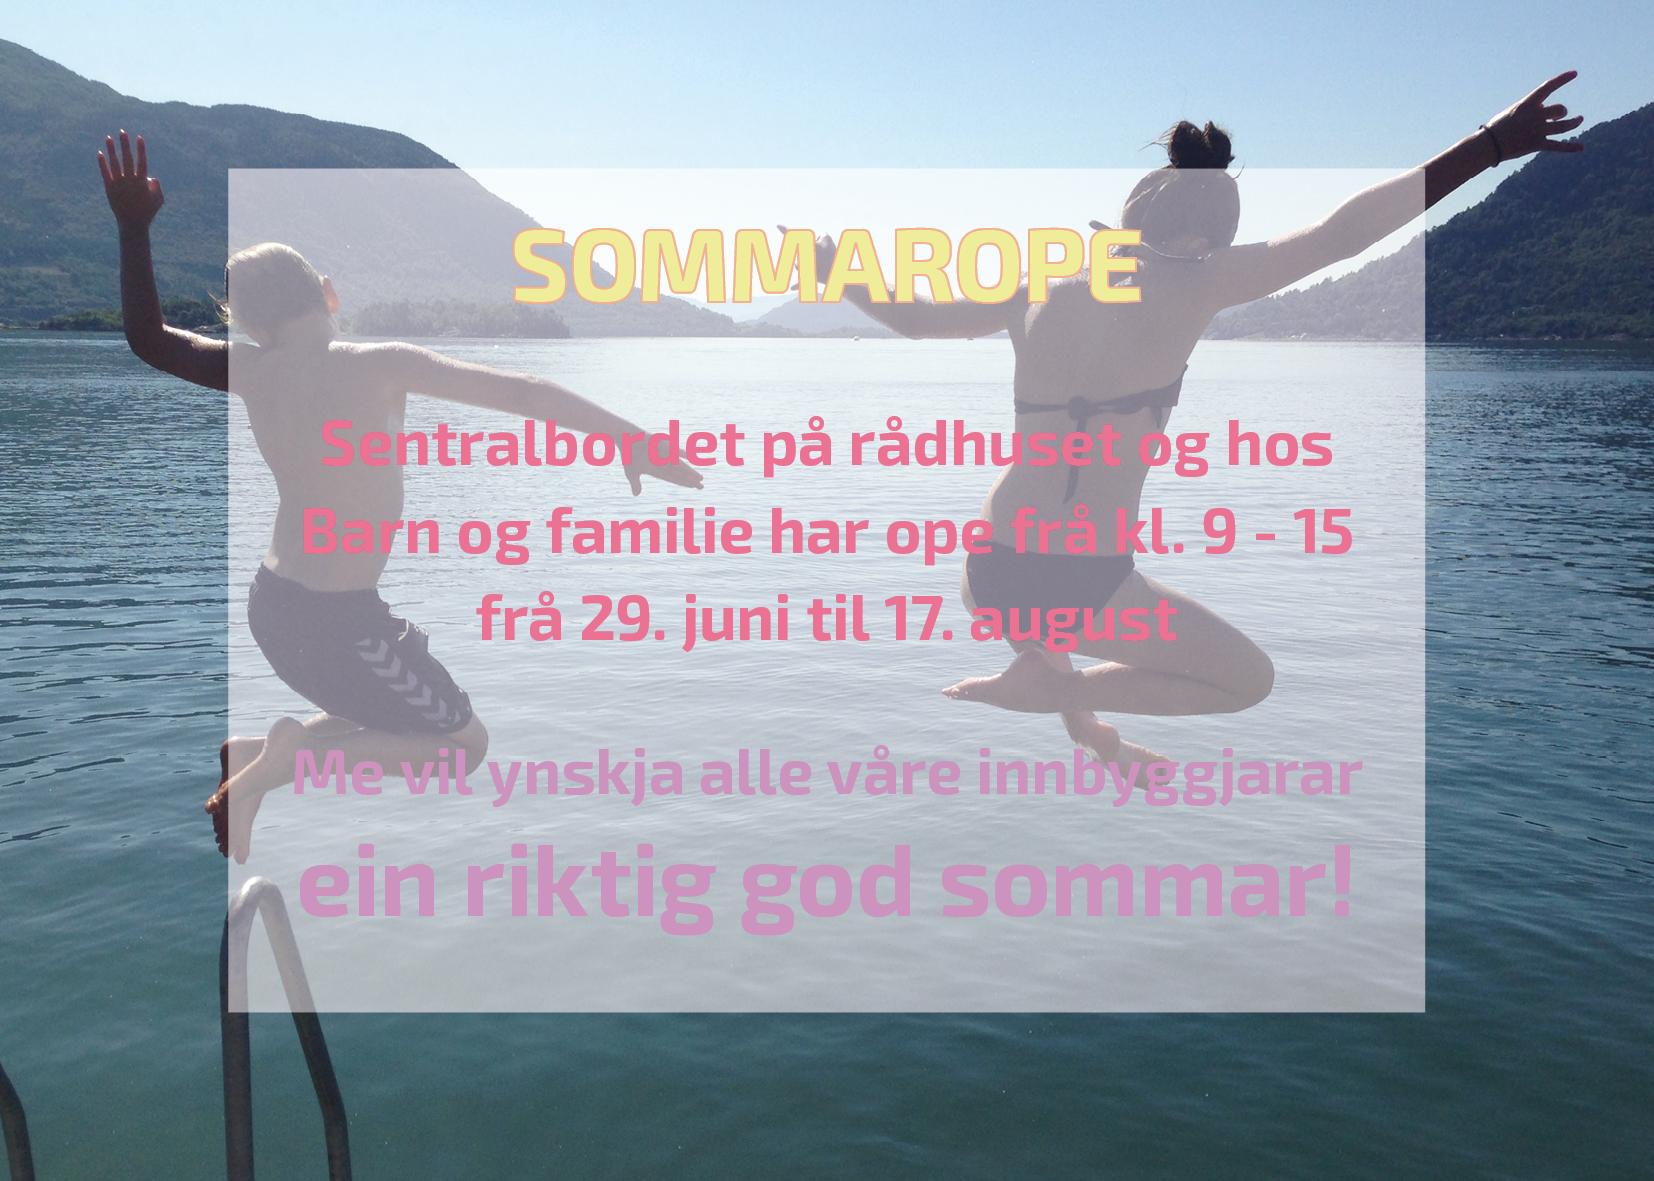 Sommarope 2020.png.jpg